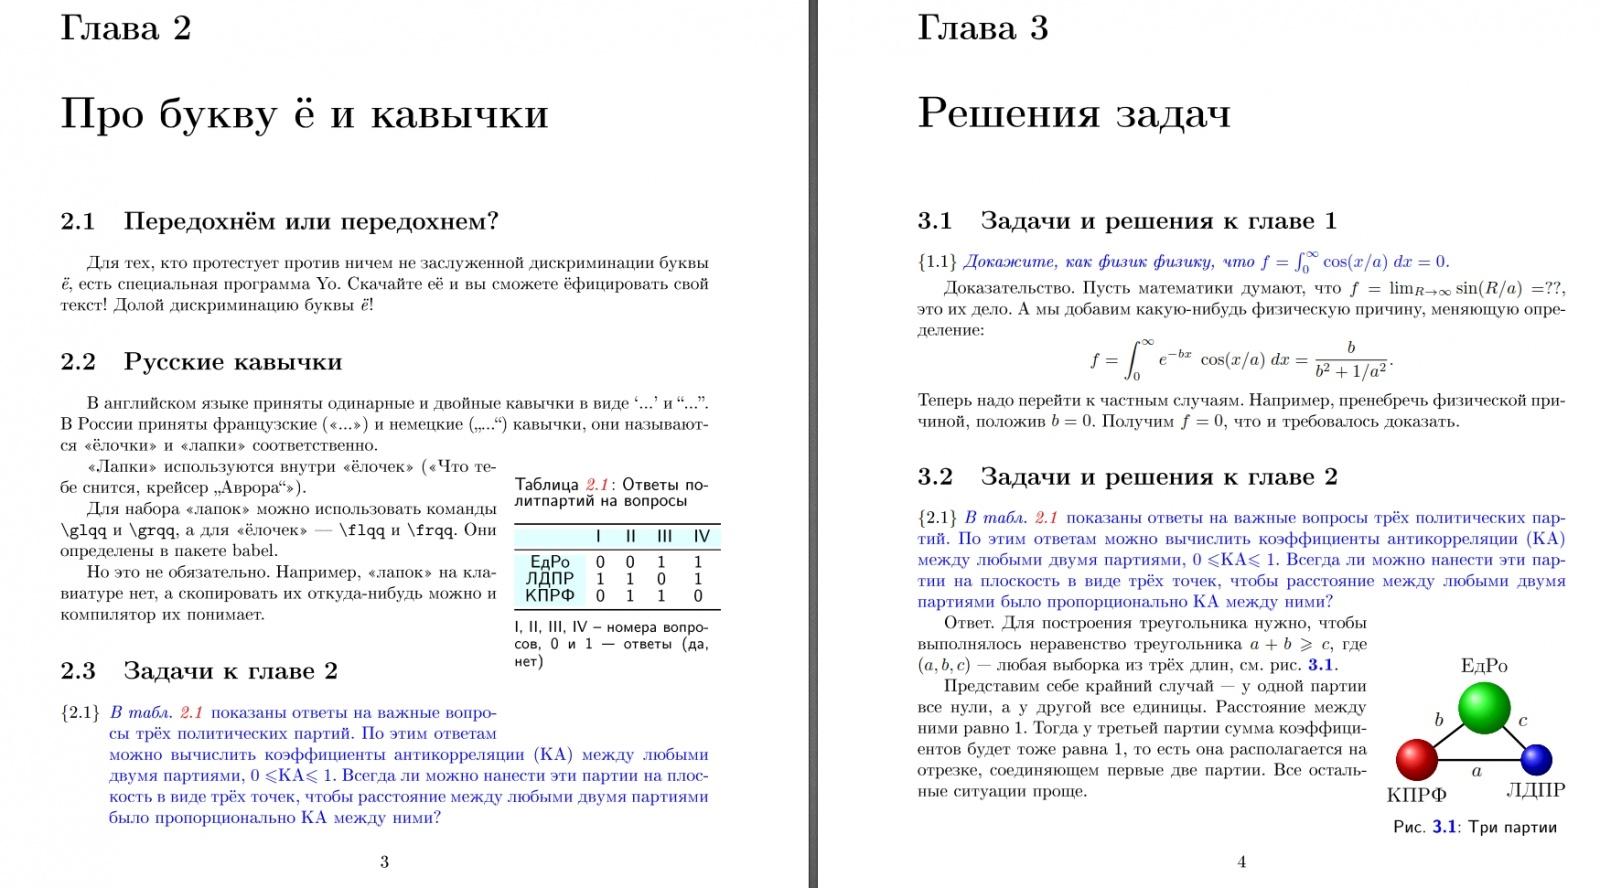 Как писать книгу по физике в LaTeX. Cтатья 1 - 10